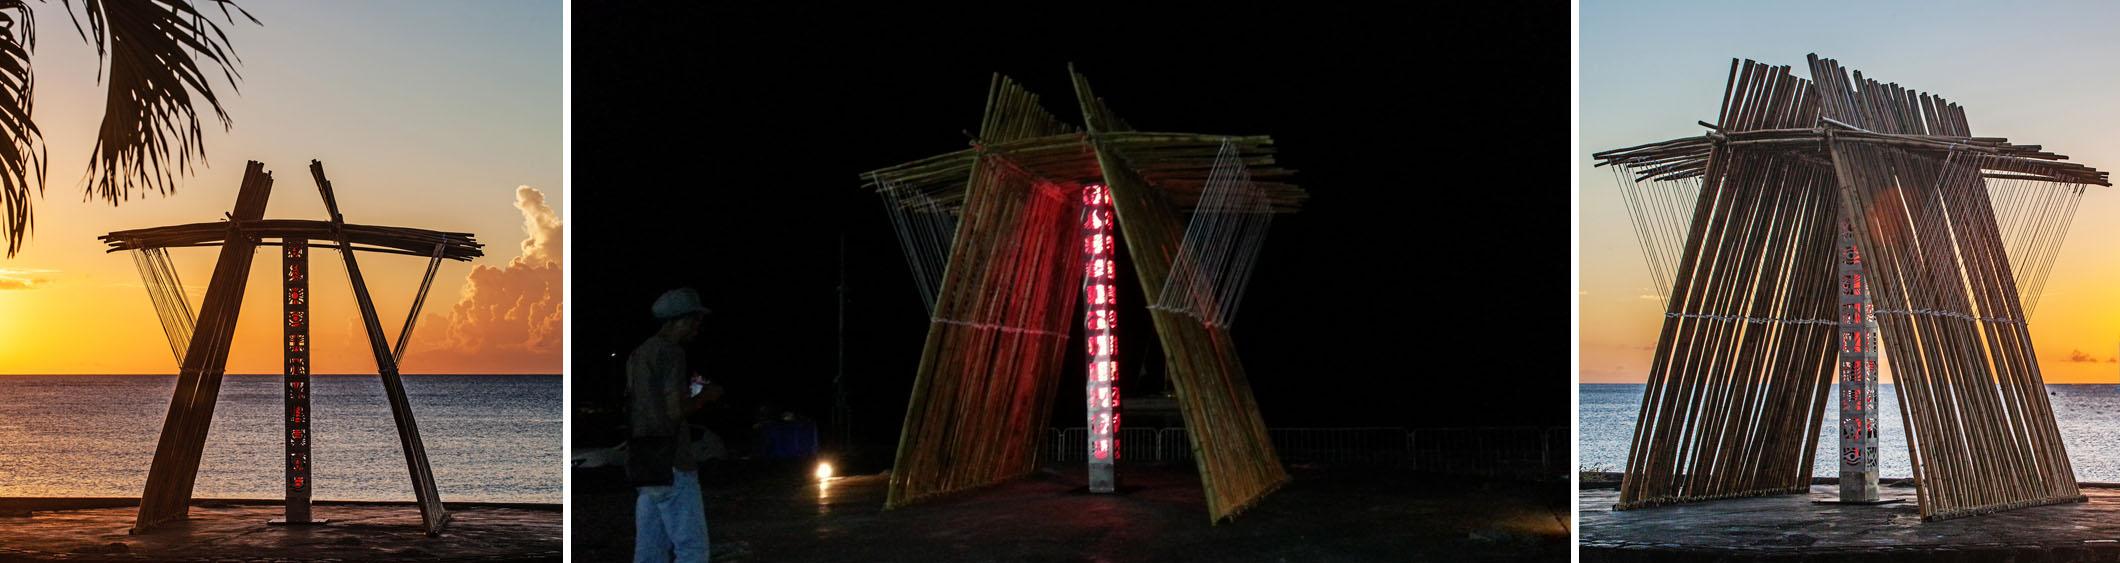 Le CESAIRIUM, œuvre de Jack Beng-Thi en hommage à Aimé Césaire